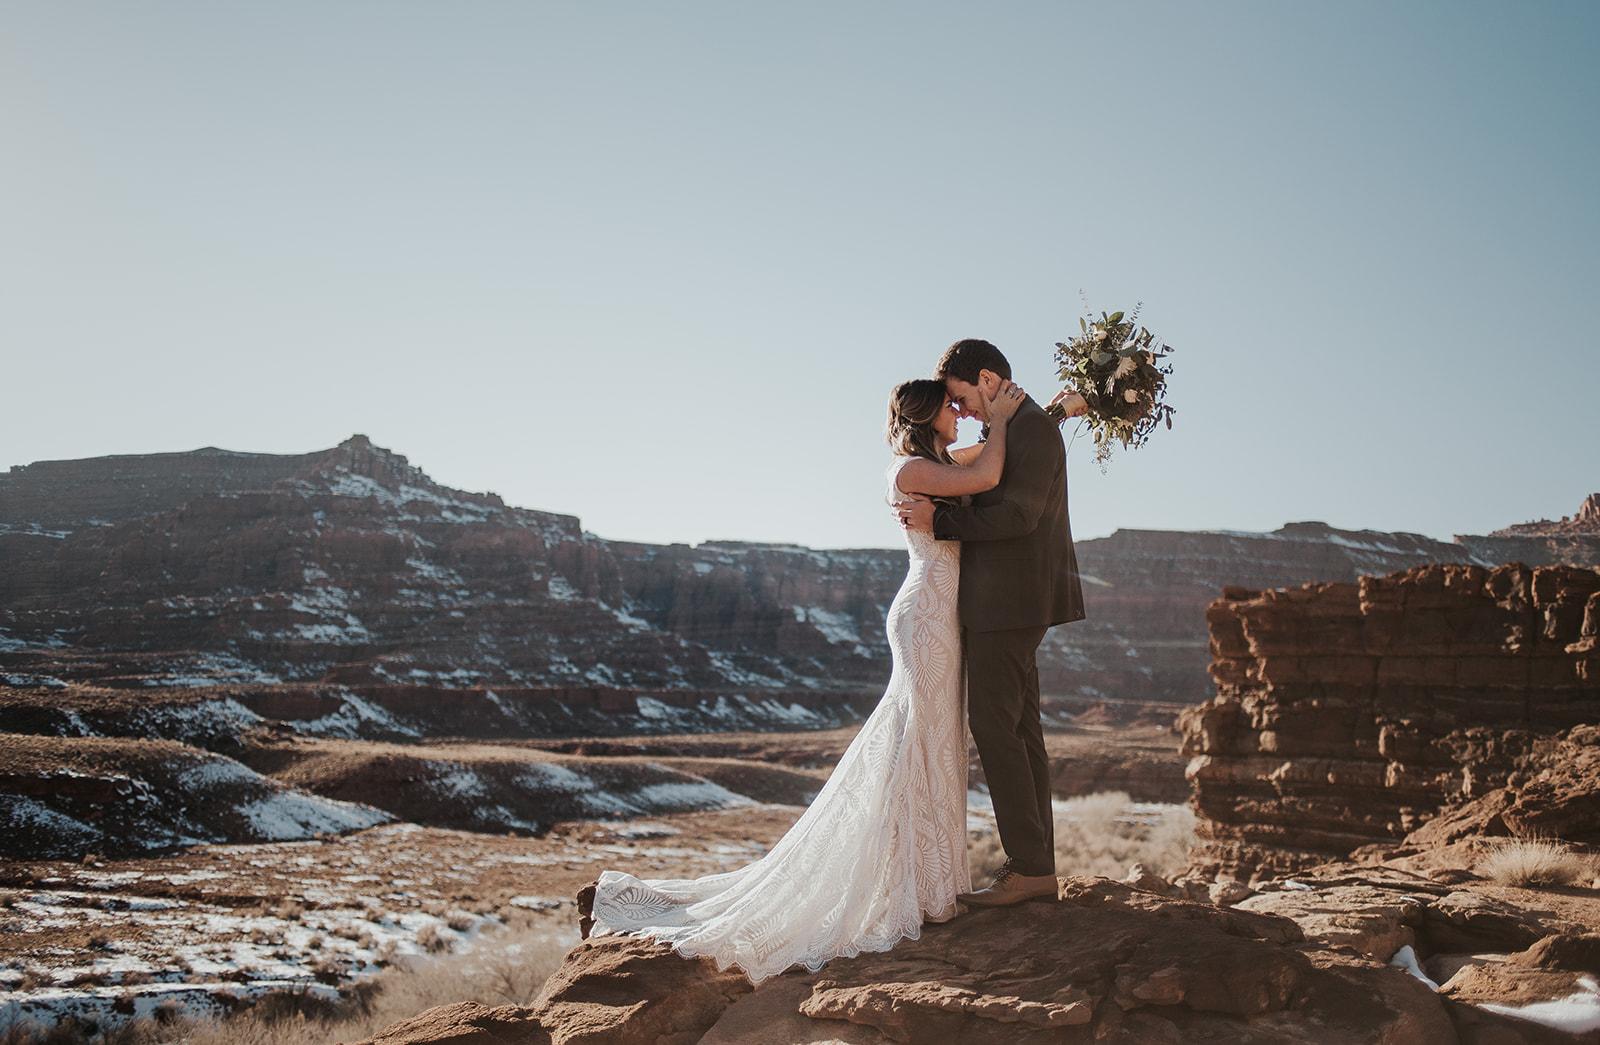 jamie+weston bridals-11.jpg